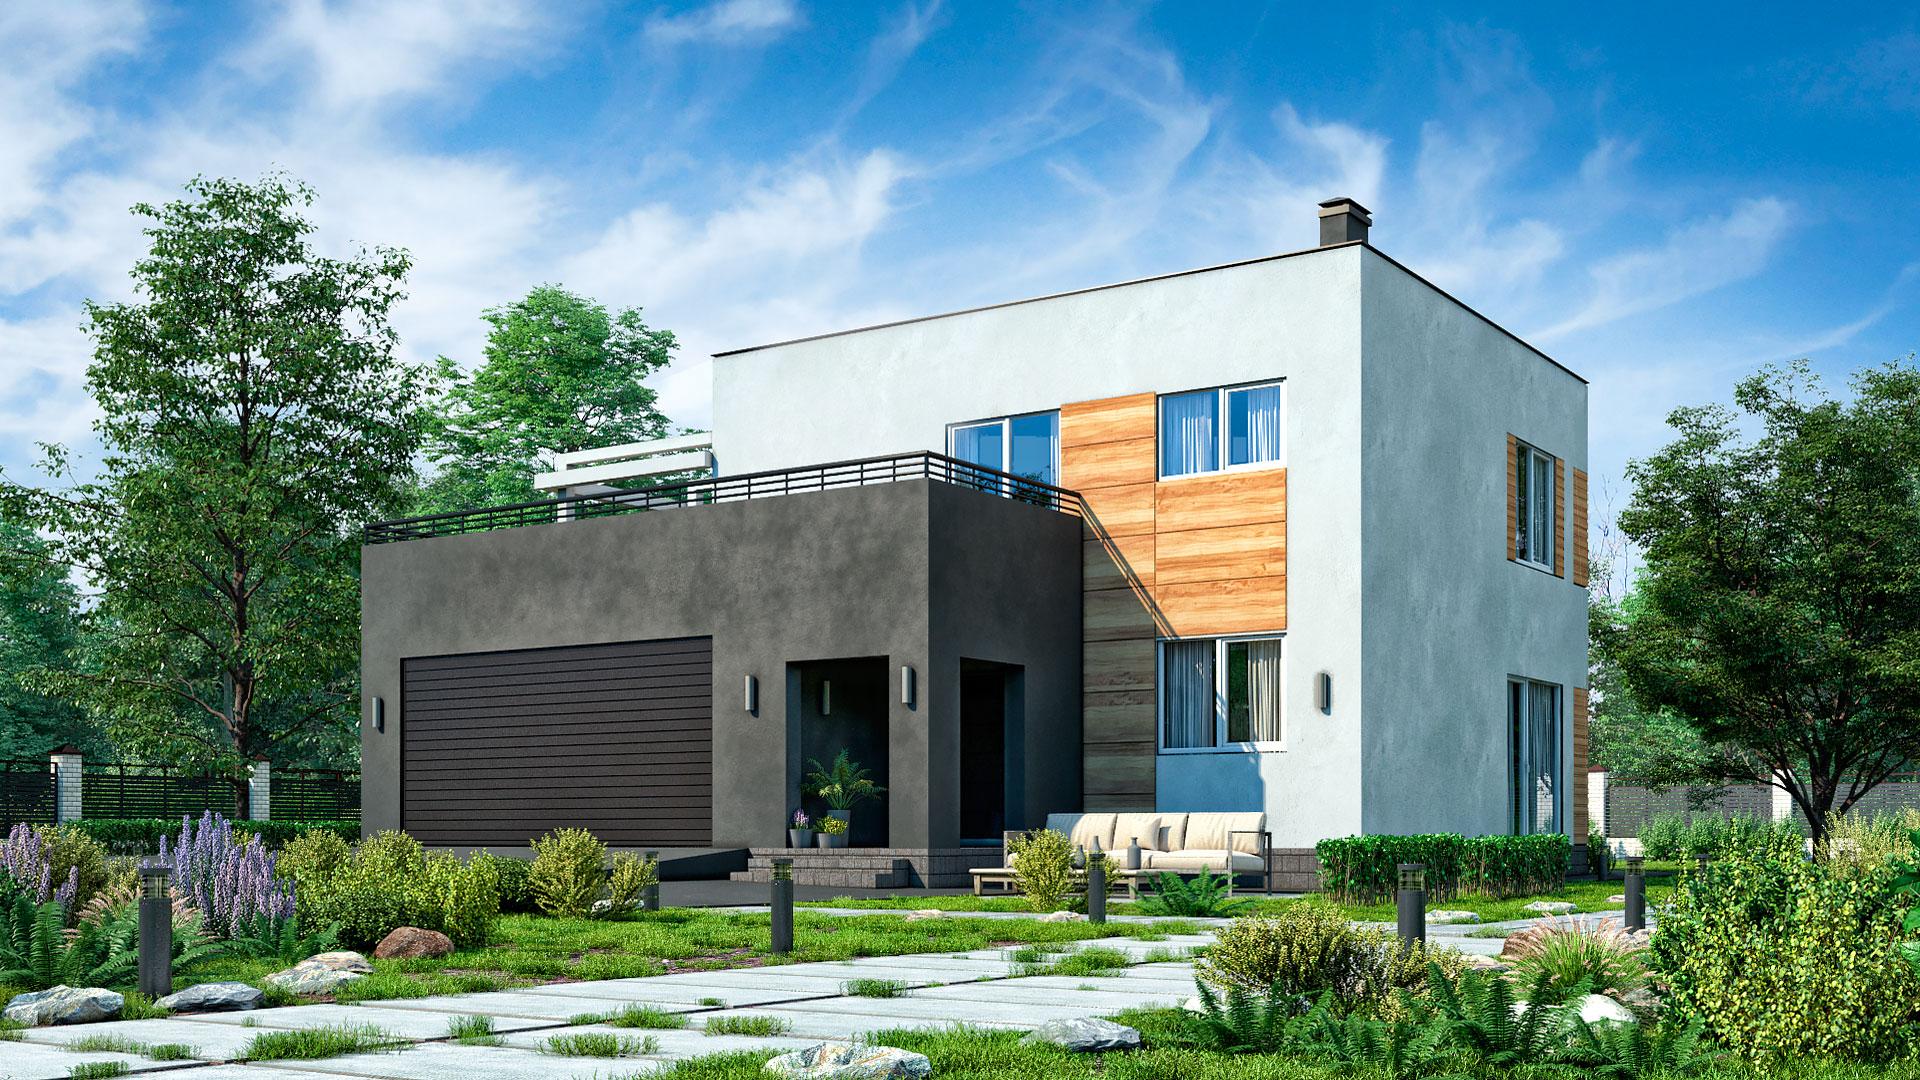 Передний фасад двухэтажного дома с эксплуатируемой крышей и гаражом, проект БЭНПАН БП-222.